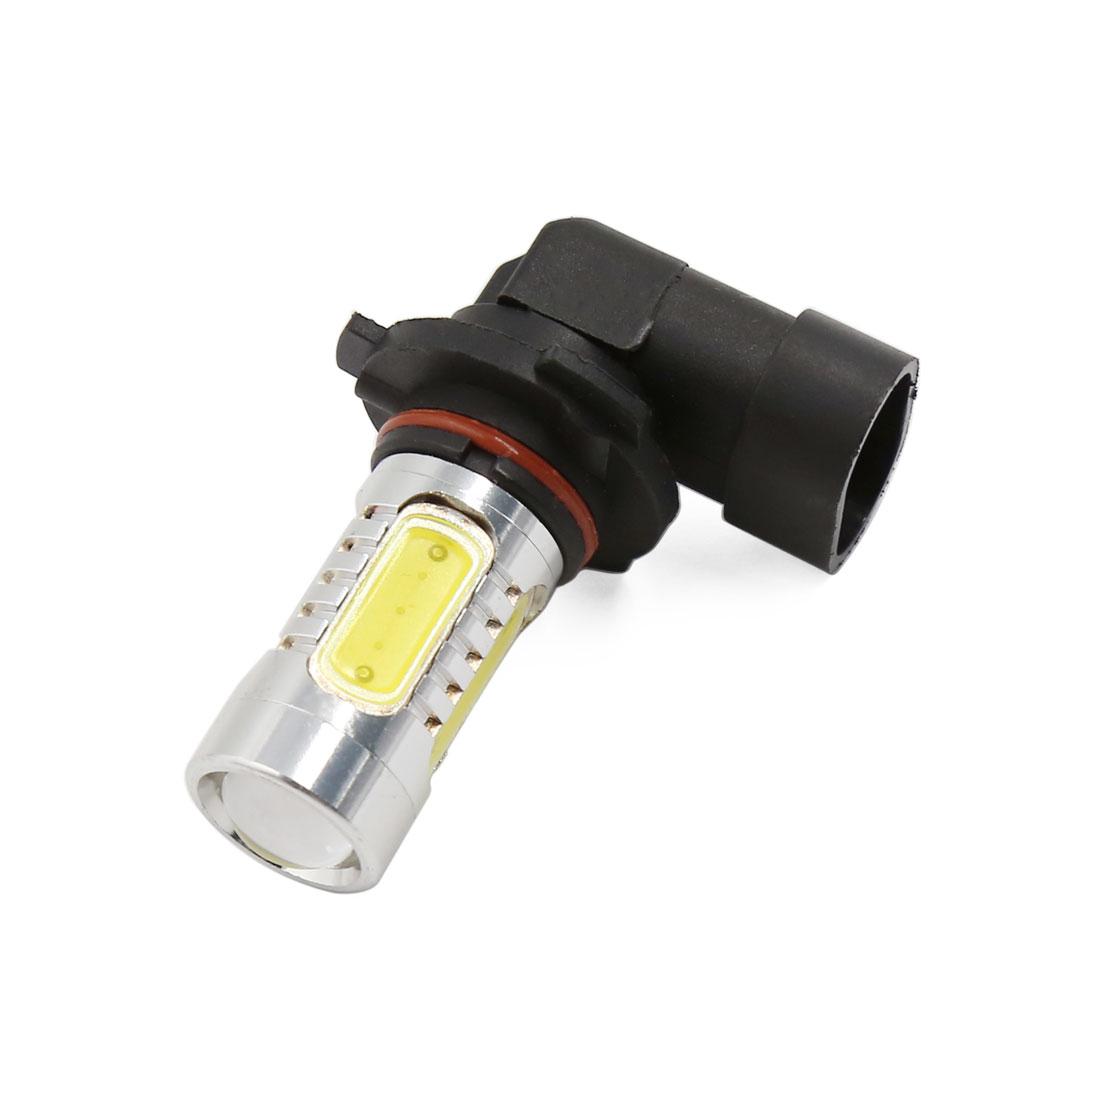 DC 12V 9005 7.5W White SMD LED DRL Foglamp Driving Bulb for Car